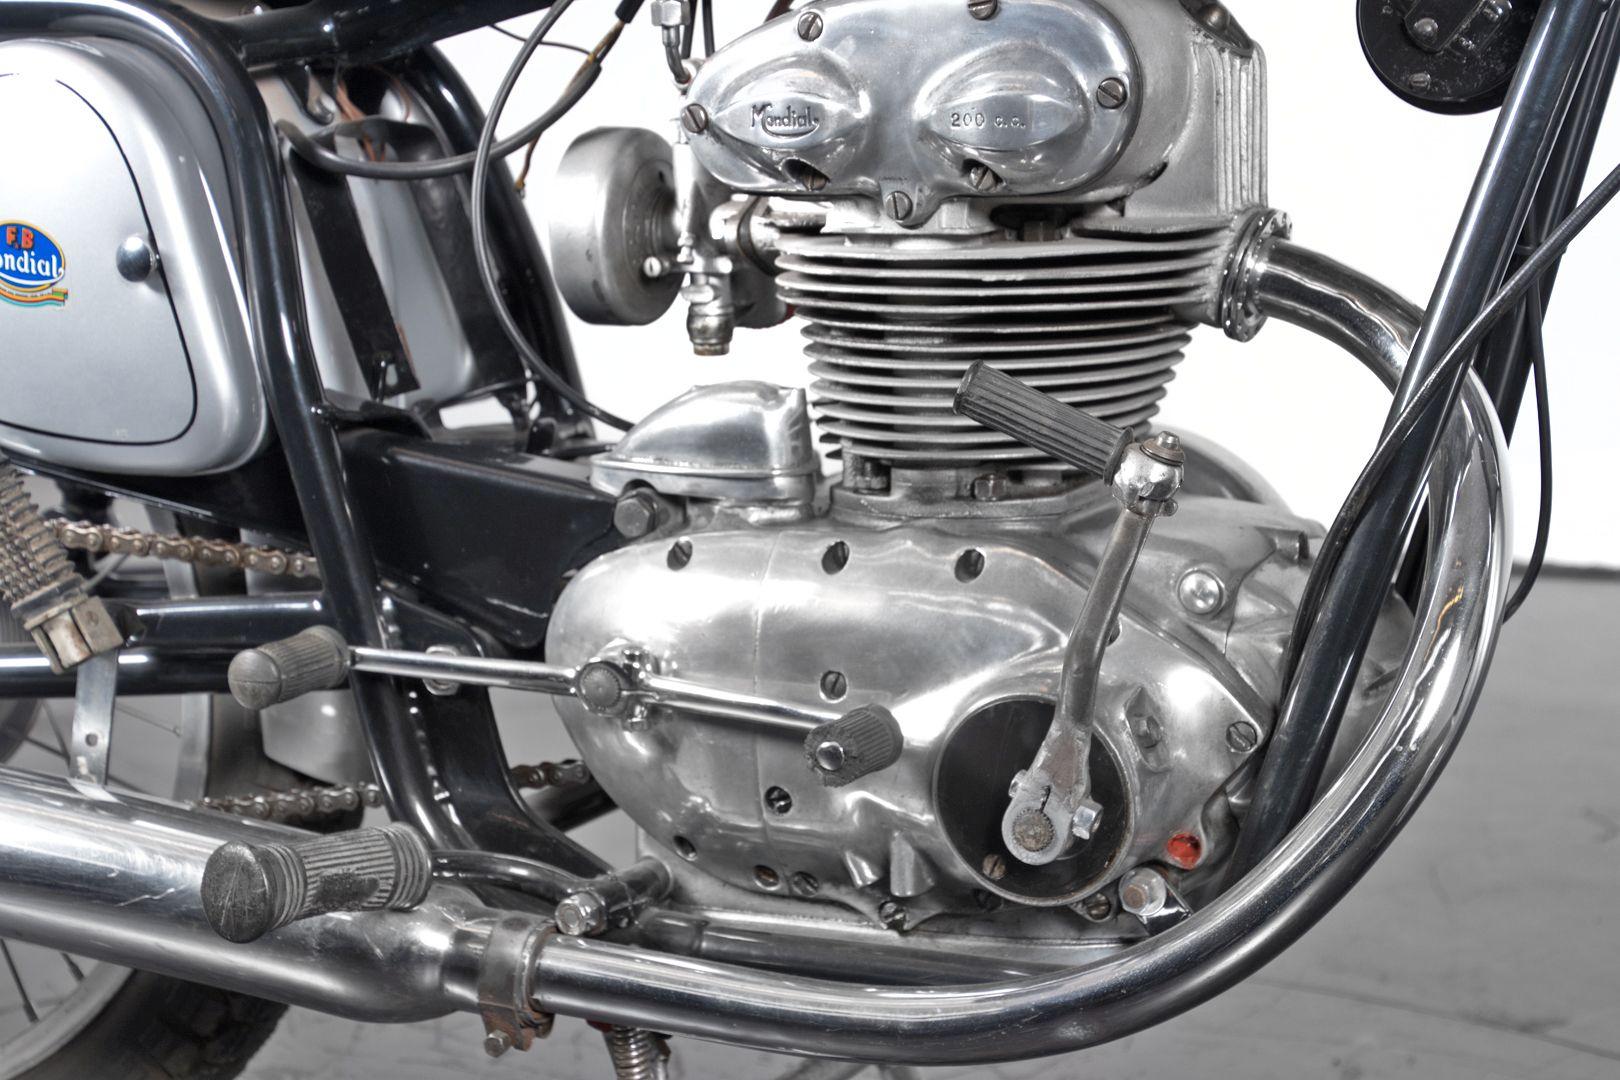 1954 Mondial 200 75110